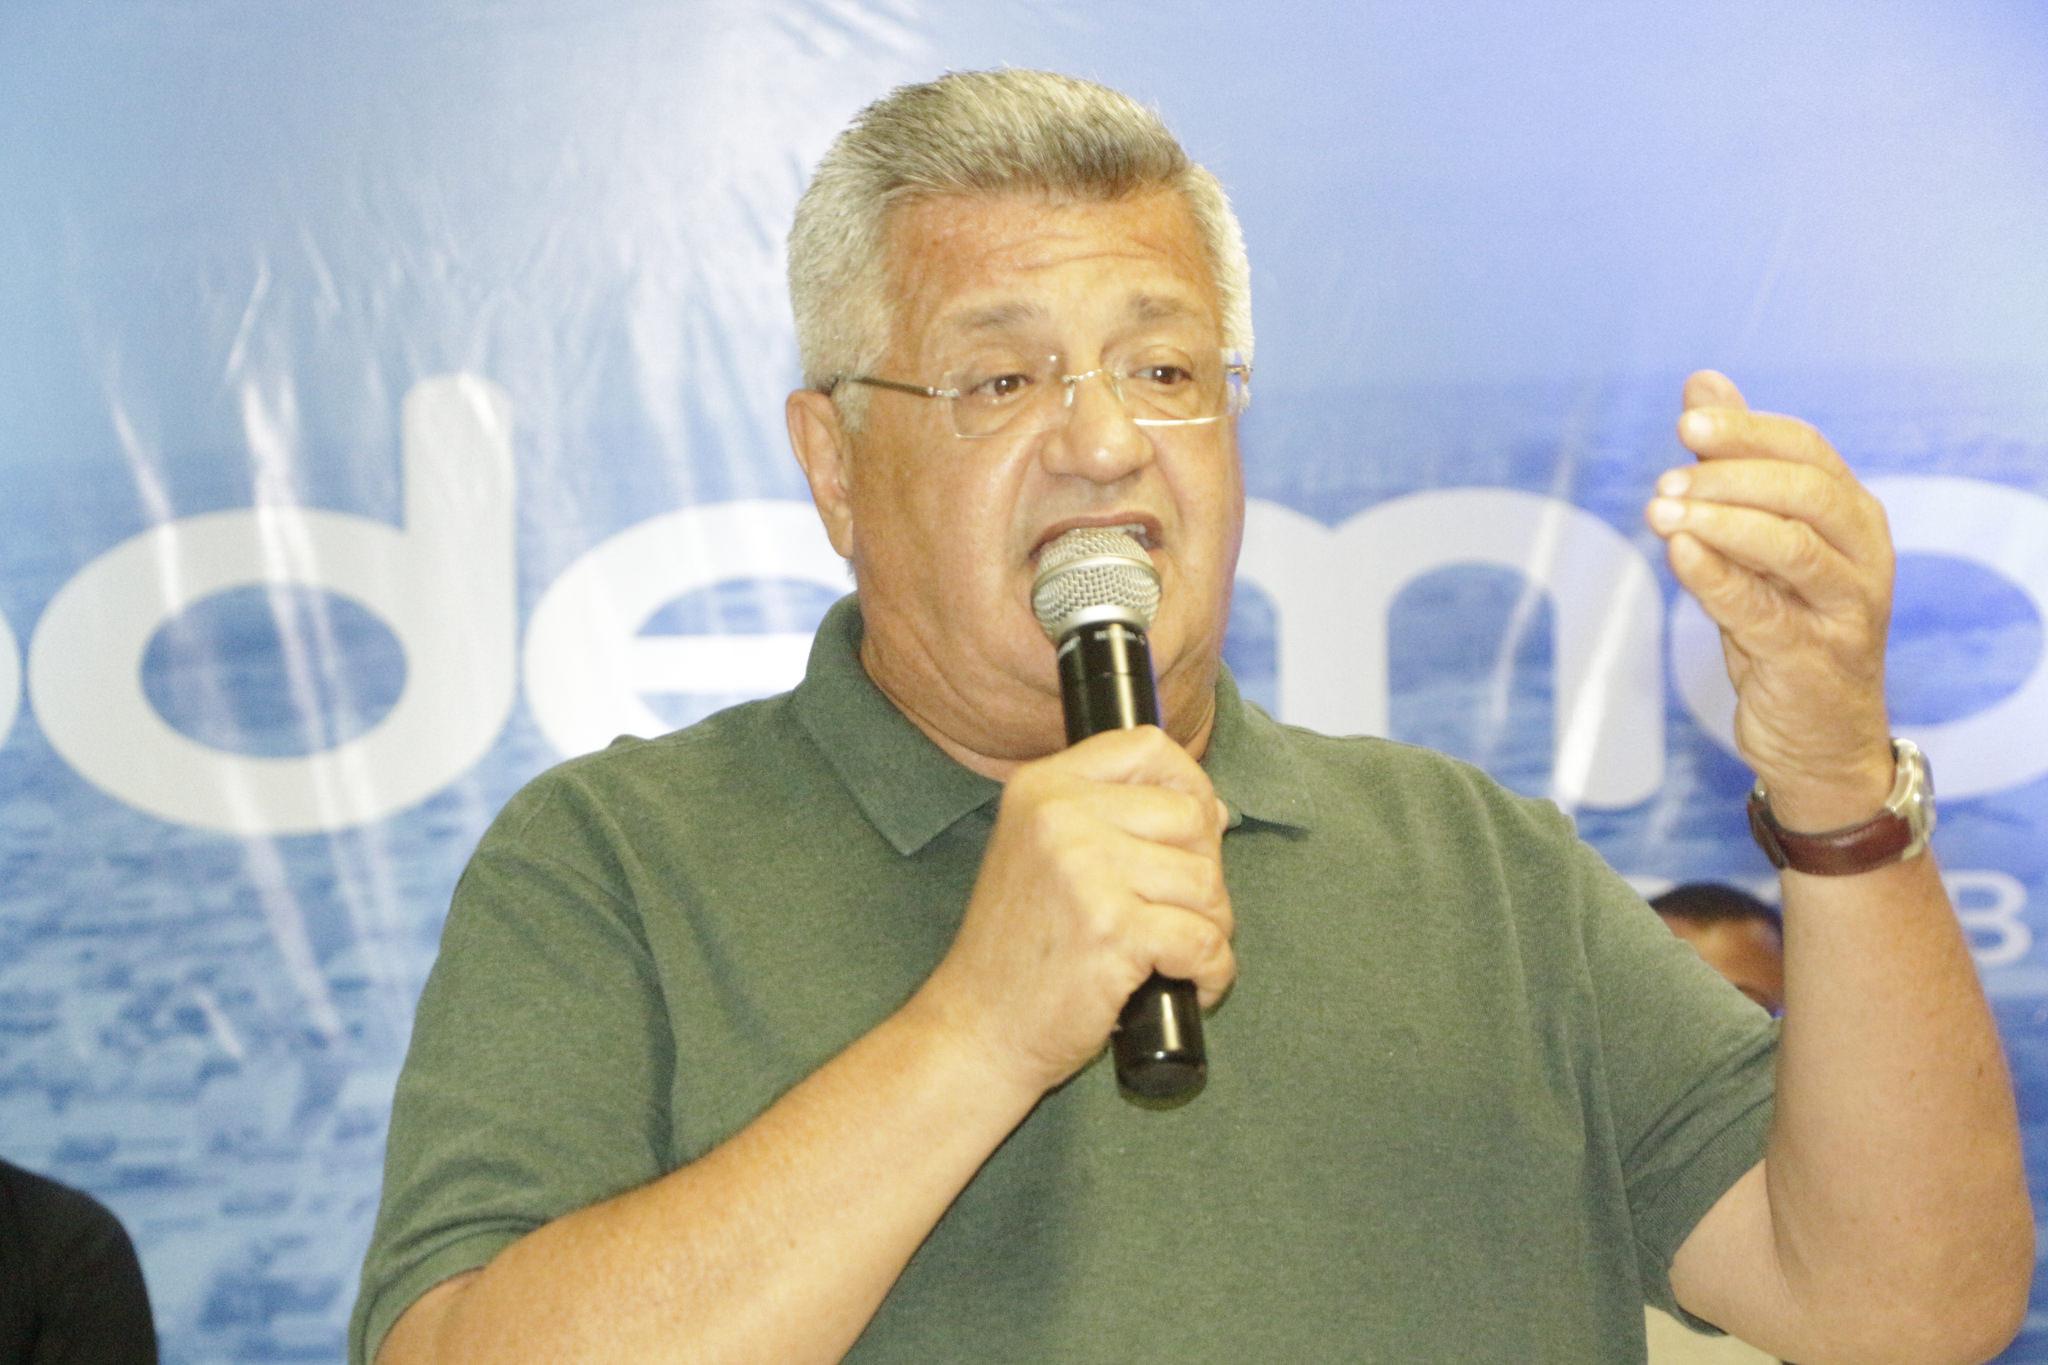 Bacelar diz que mobilização contra 'Escola sem partido' é grande